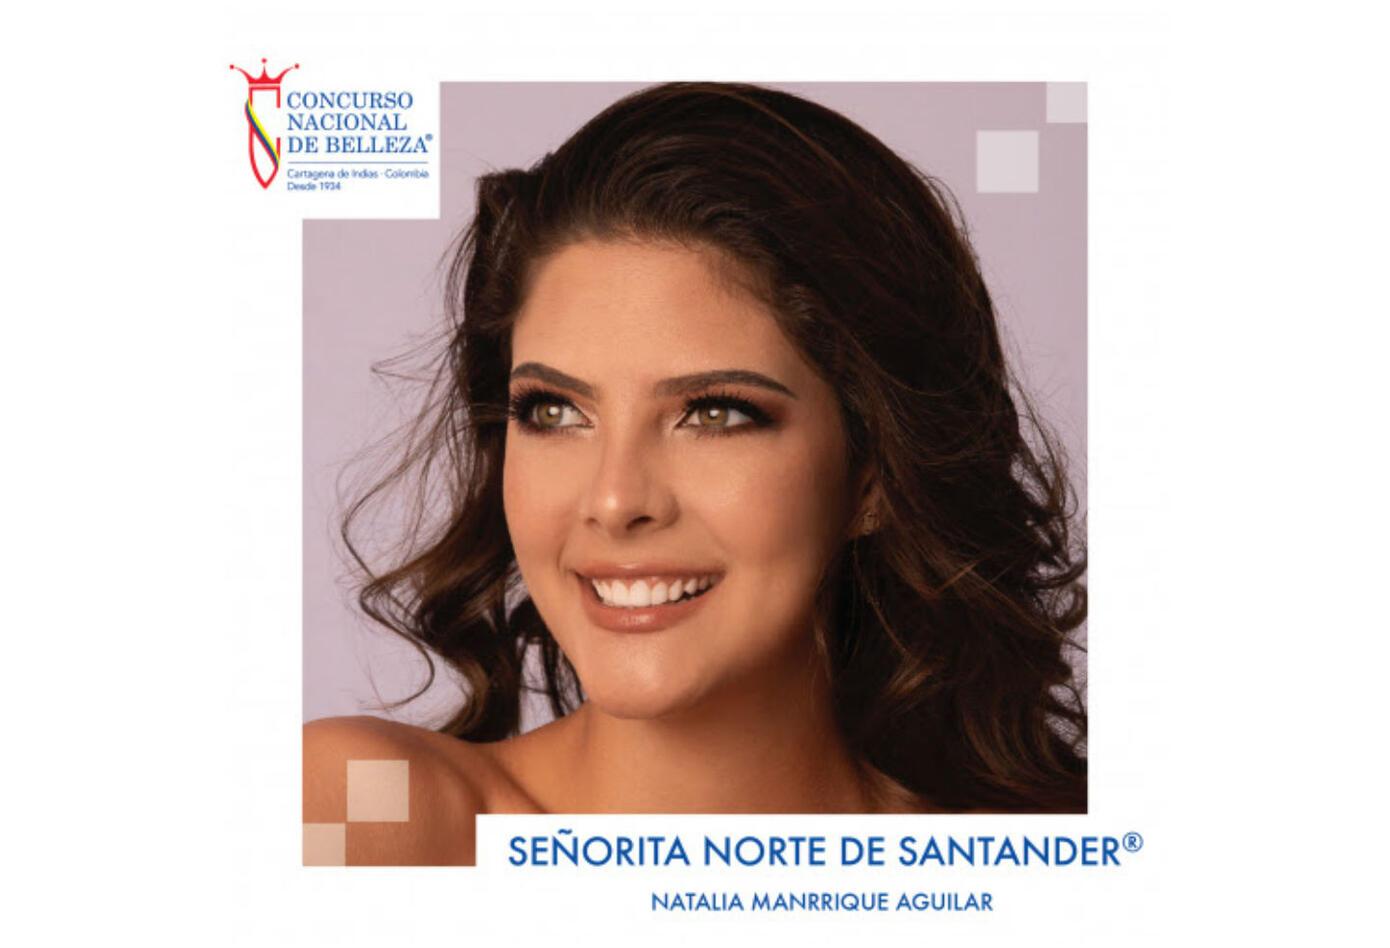 Natalia Manrique Aguilar, señorita Norte de Santander 2019